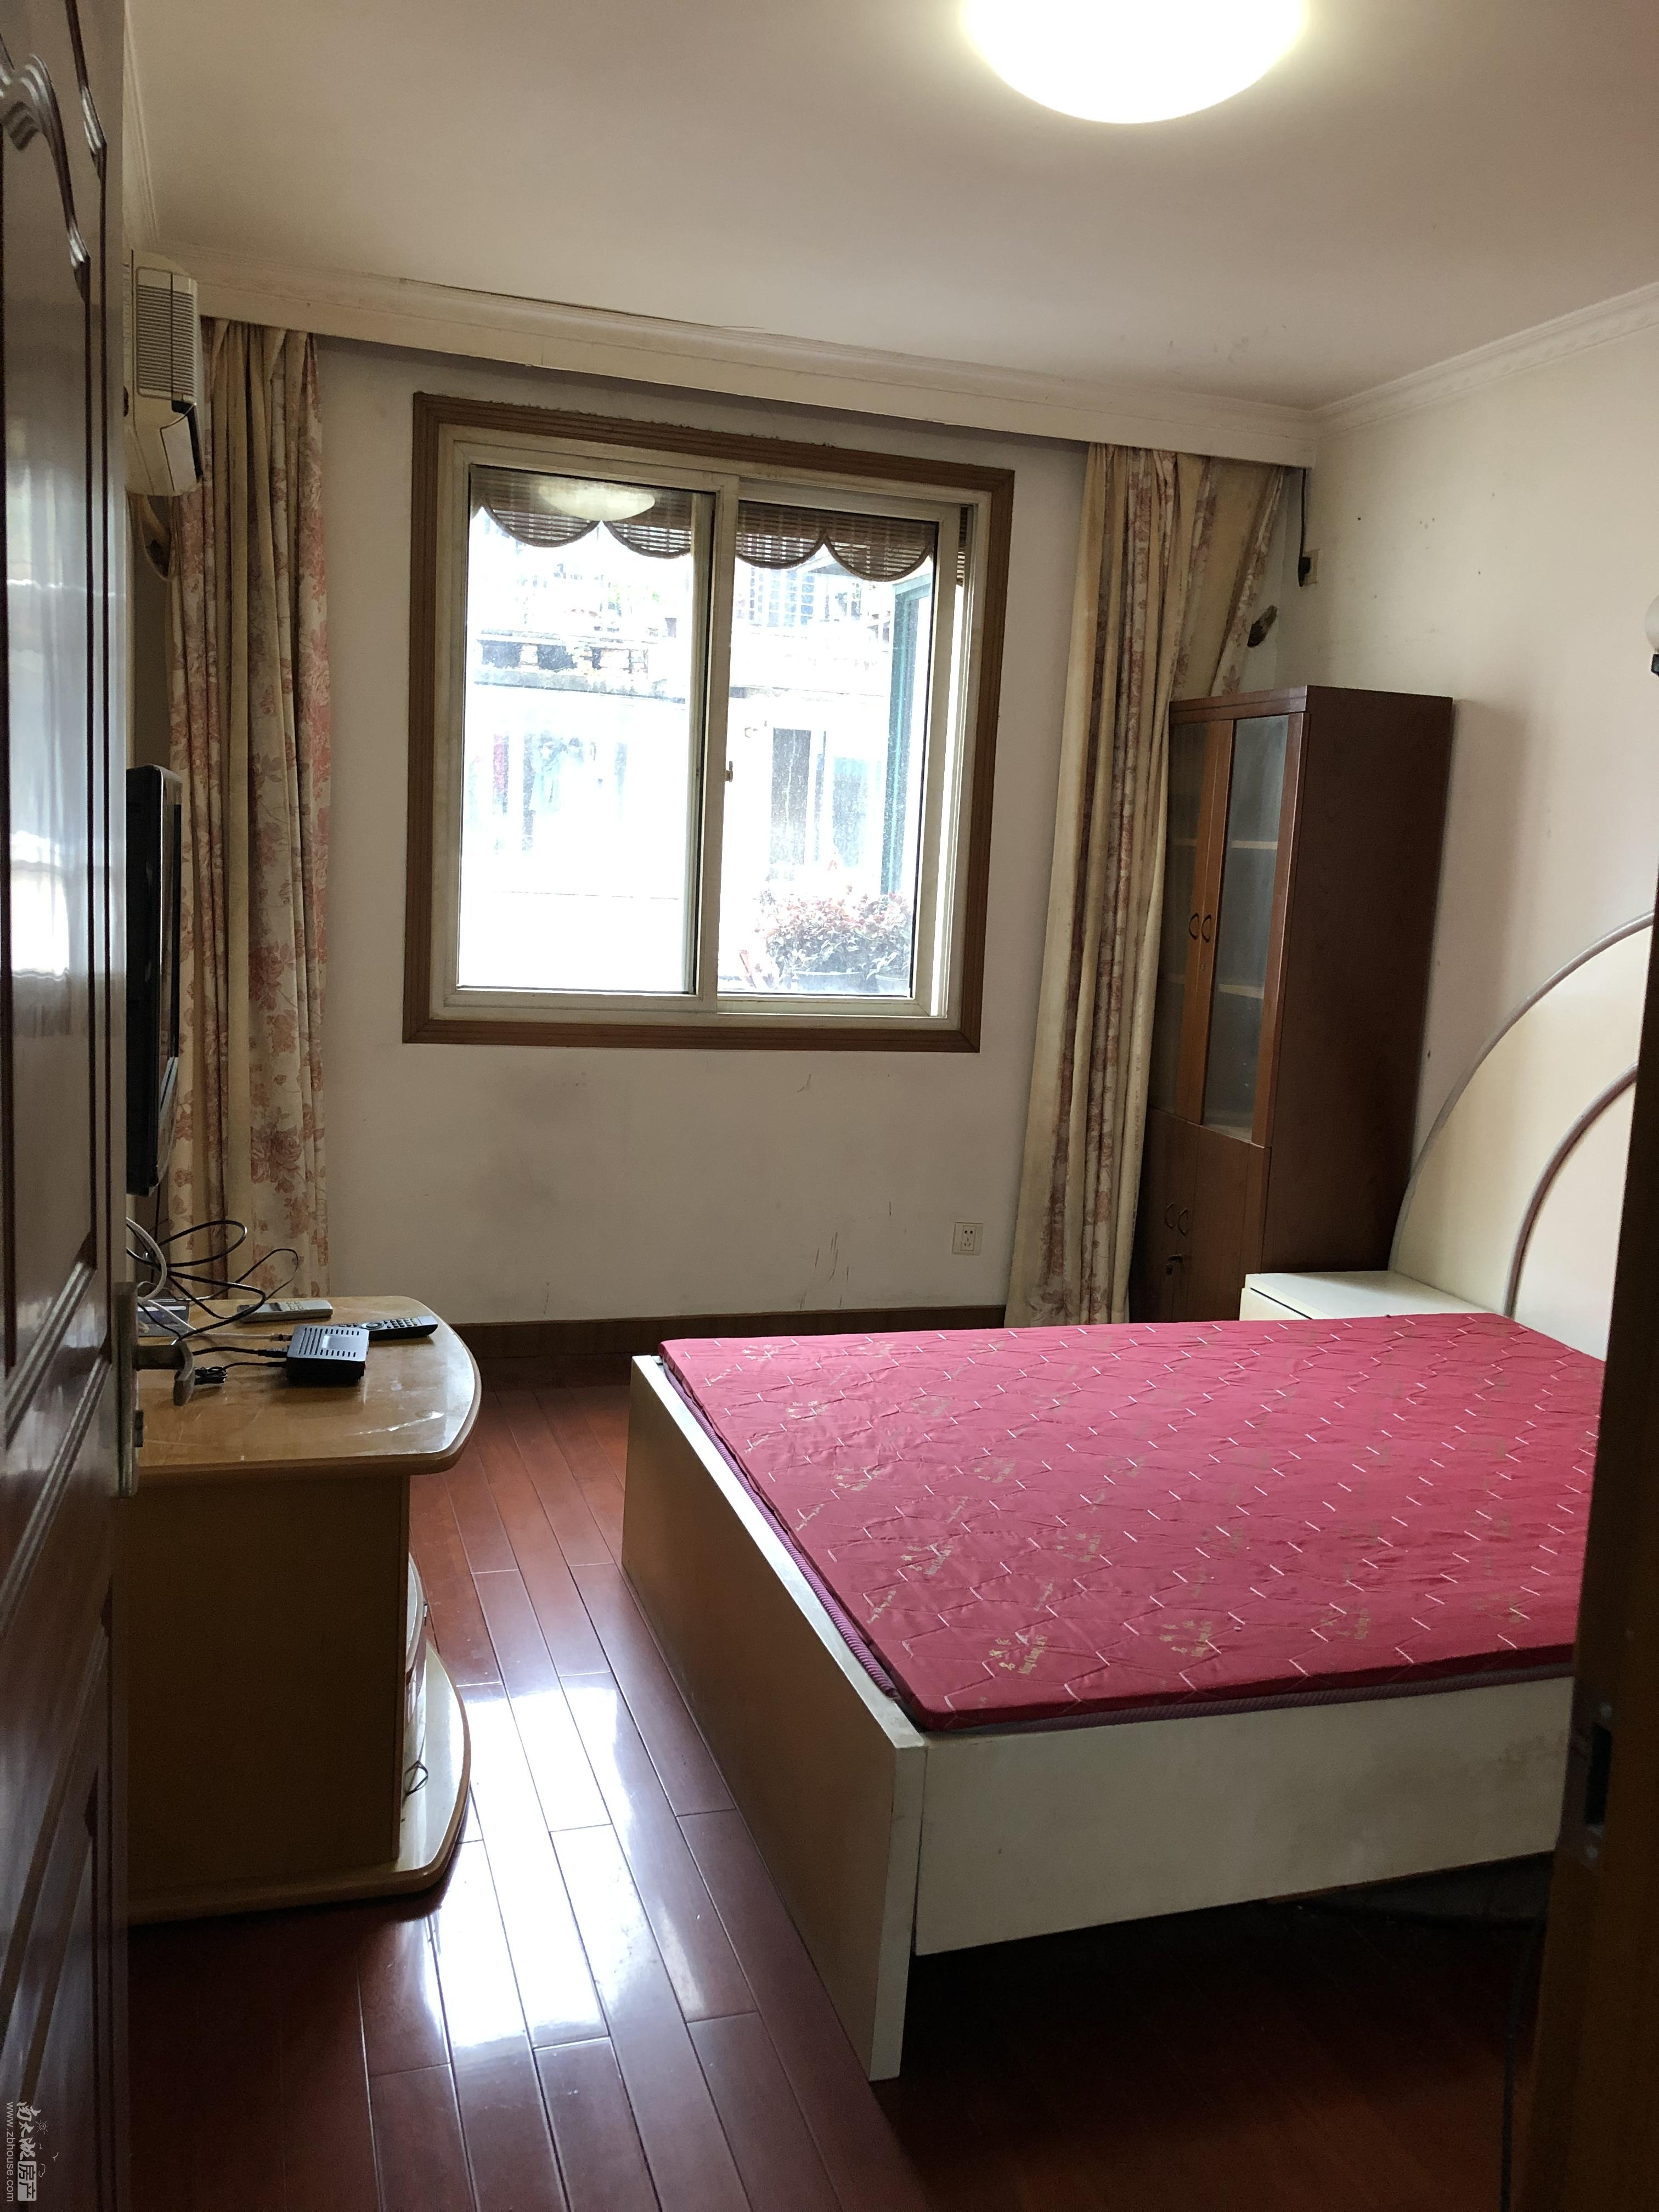 马军巷小区4楼空3,热,彩3,冰,洗家具家电齐全.可以免费停一辆车。员工宿舍不租